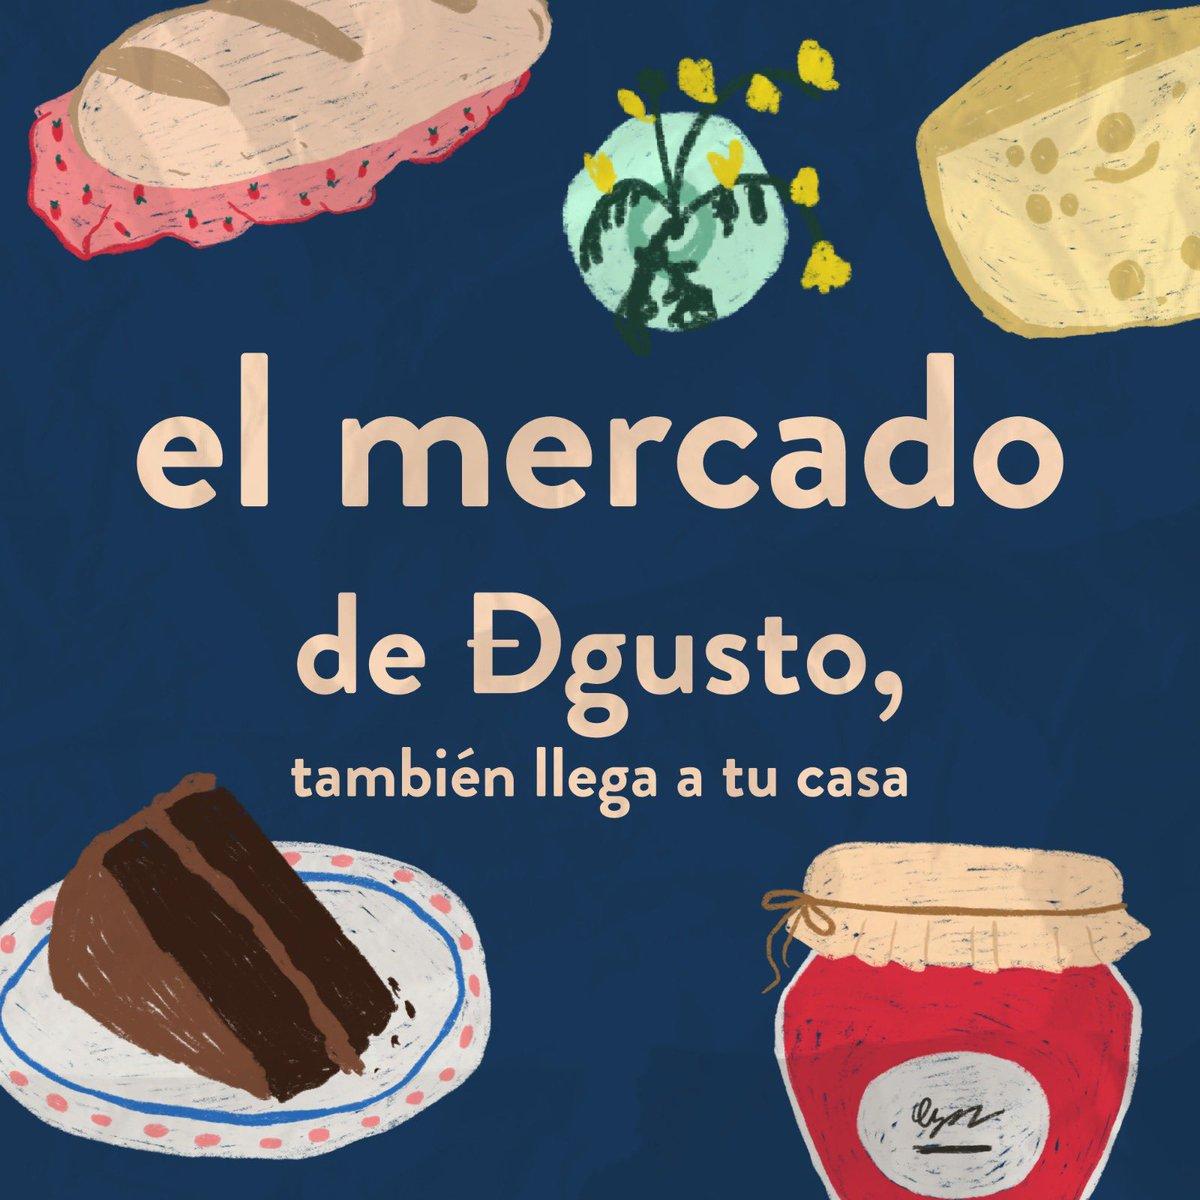 El 16 y 17 de mayo, además de apoyar restaurantes locales a través de PedidosYa, podés ayudar a los productores del mercado de #Degusto pidiendo sus productos.  Pedí acá https://t.co/PsrangANUv hasta el 13/5 y el fin de semana llega a tu casa.  #YoDegustoEnCasa https://t.co/OQ4OIRQR2Y